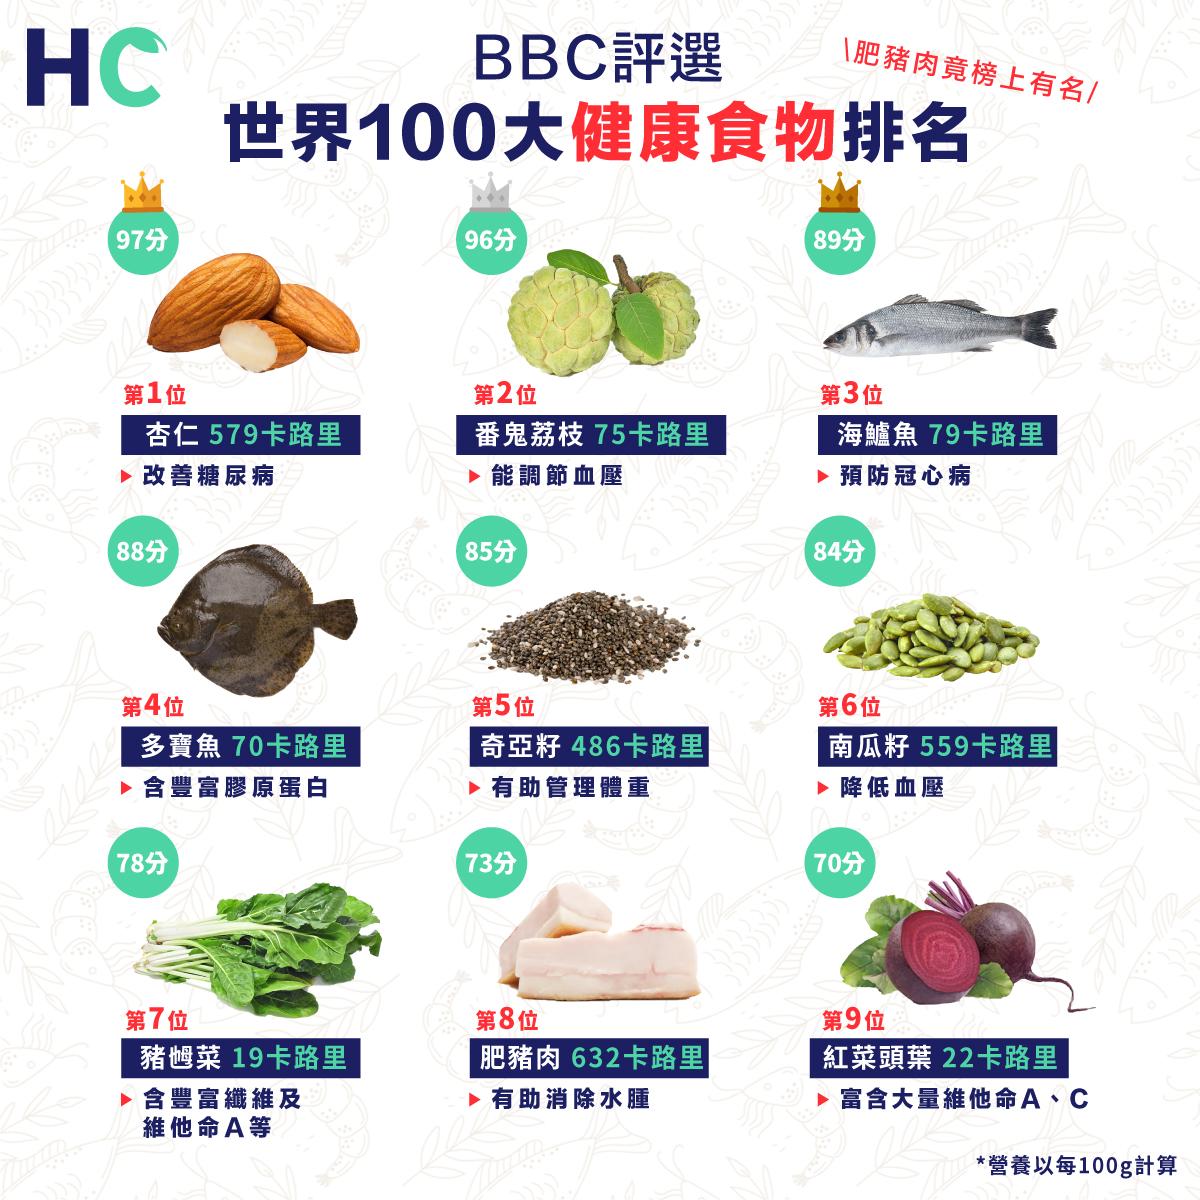 世界100大健康食物排名 肥豬肉竟榜上有名